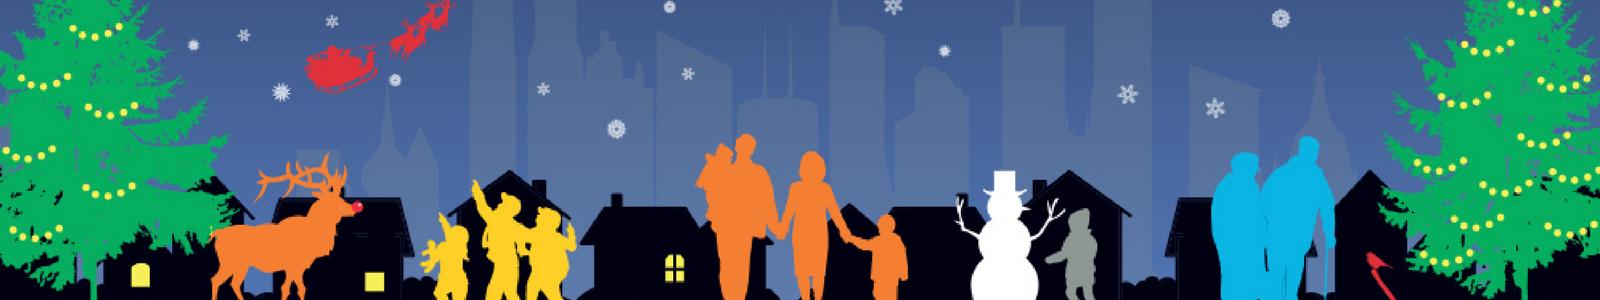 Christmas night banner